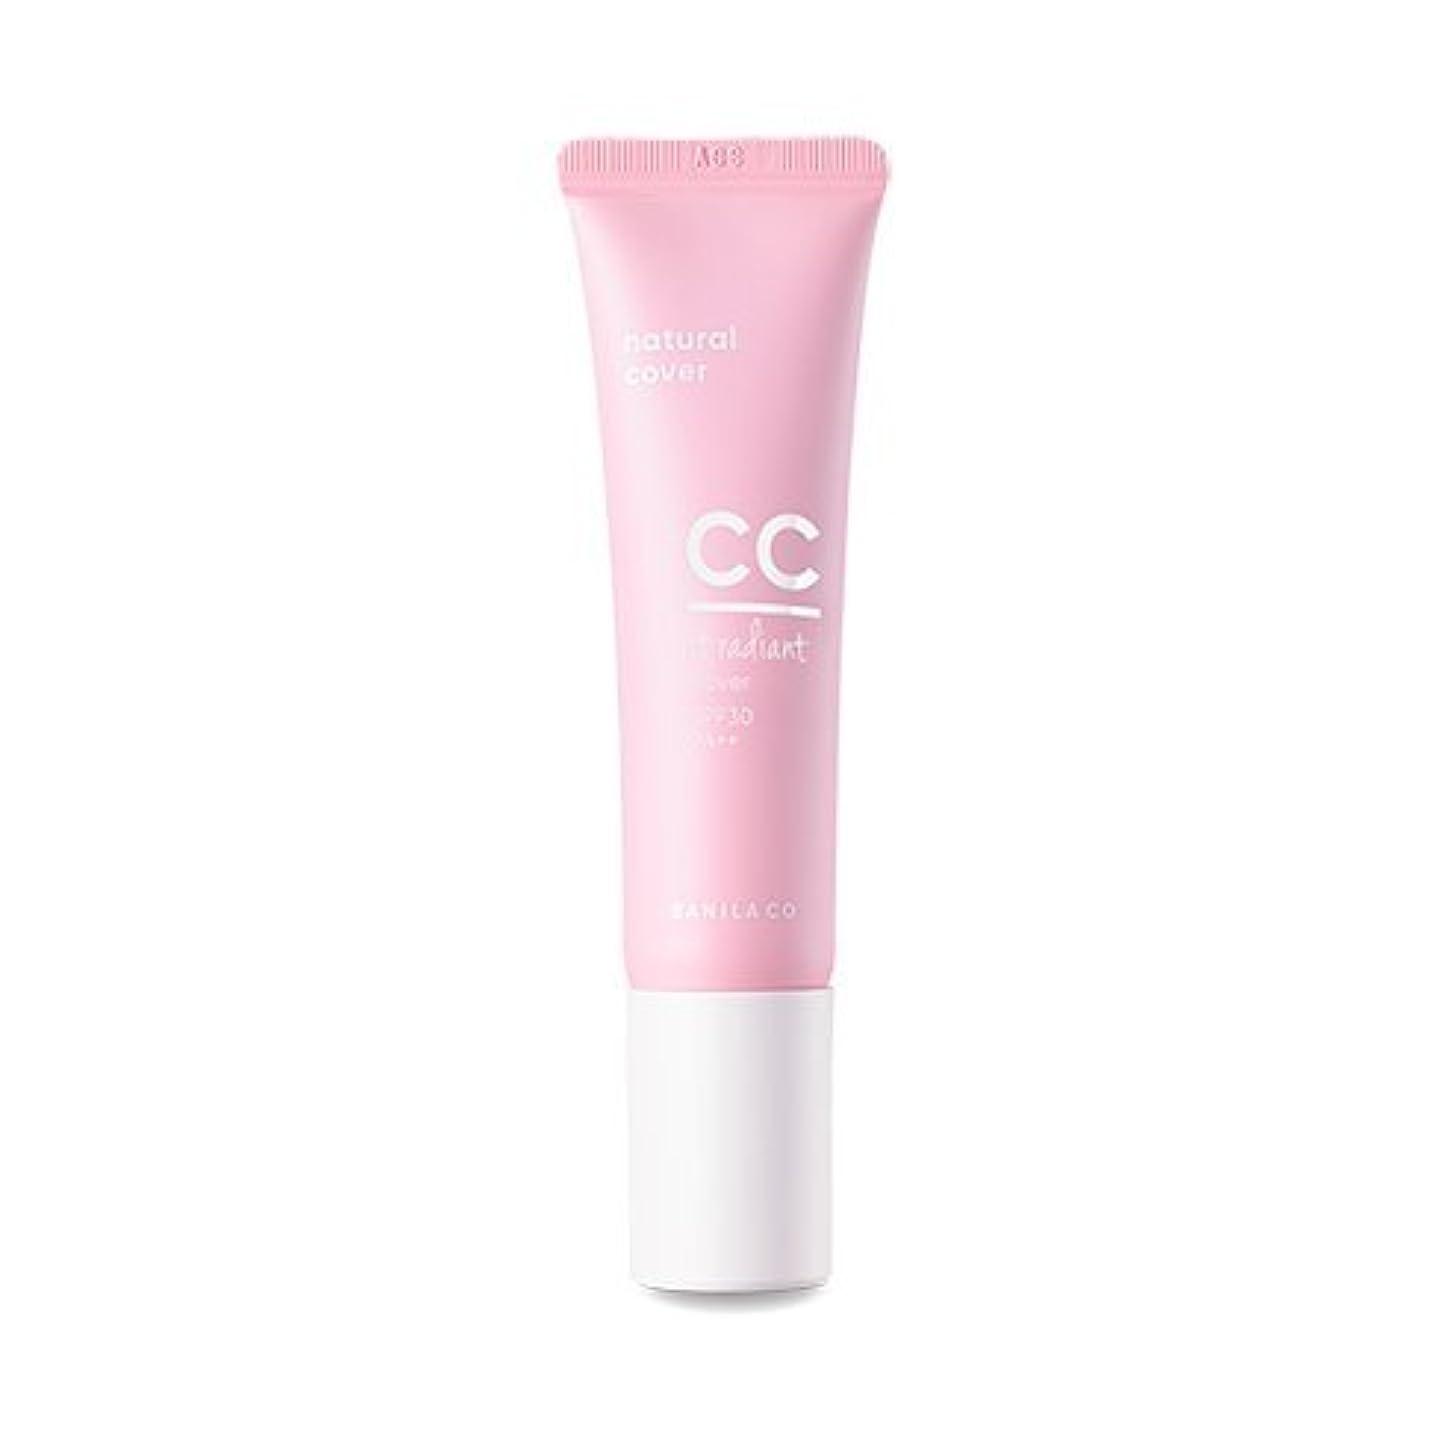 くそー確認カタログ[BANILA CO] バニラコイッラディアントCCカバークリーム 30ml / banila co it radiant CC cover cream SPF30 PA++ natural cover (Natural...